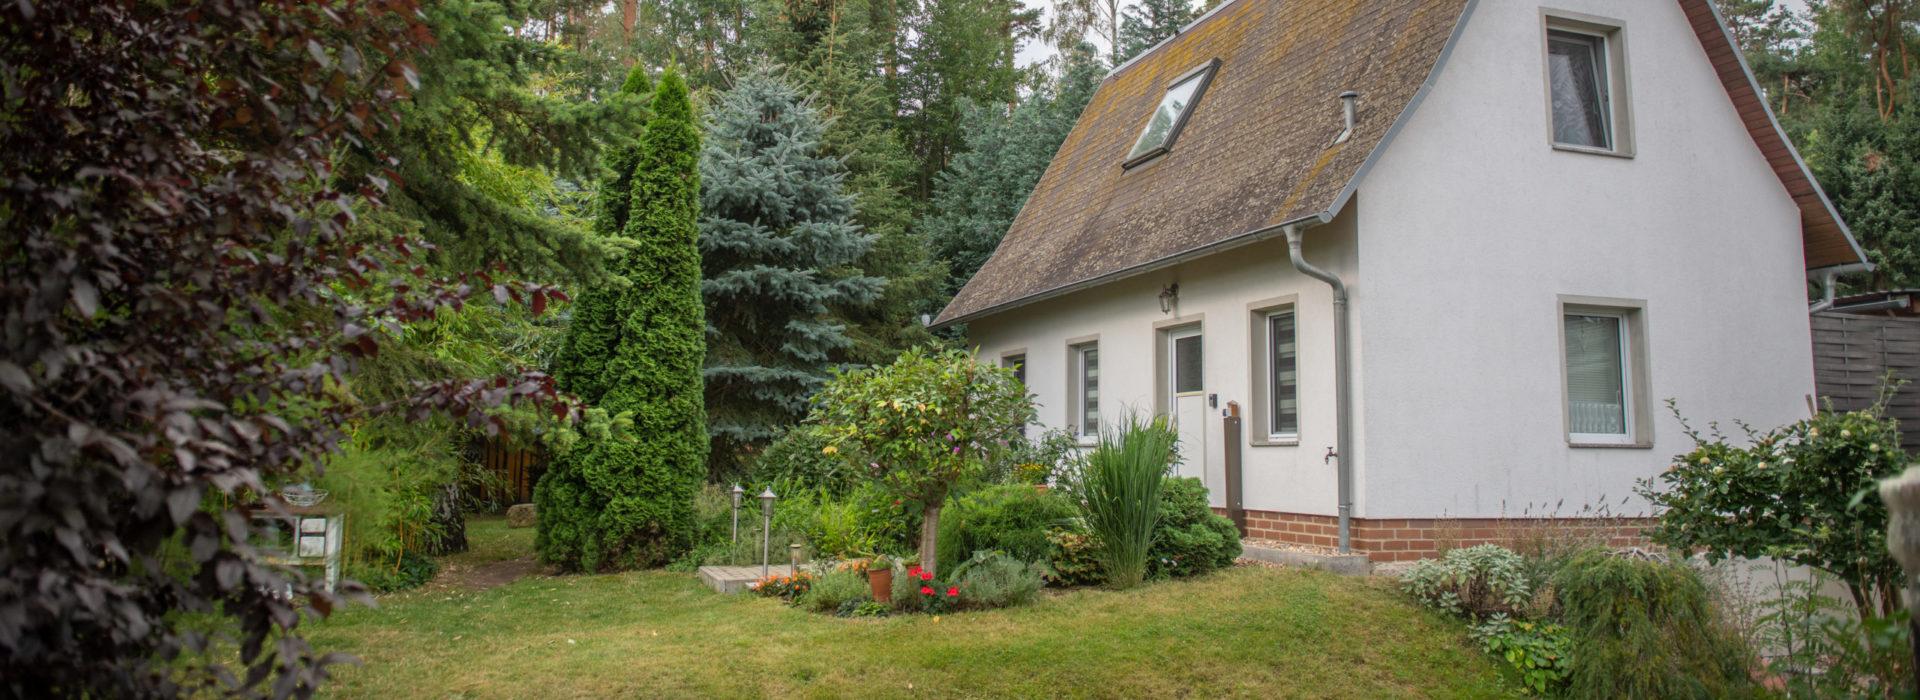 Ferienhaus am Grünen See